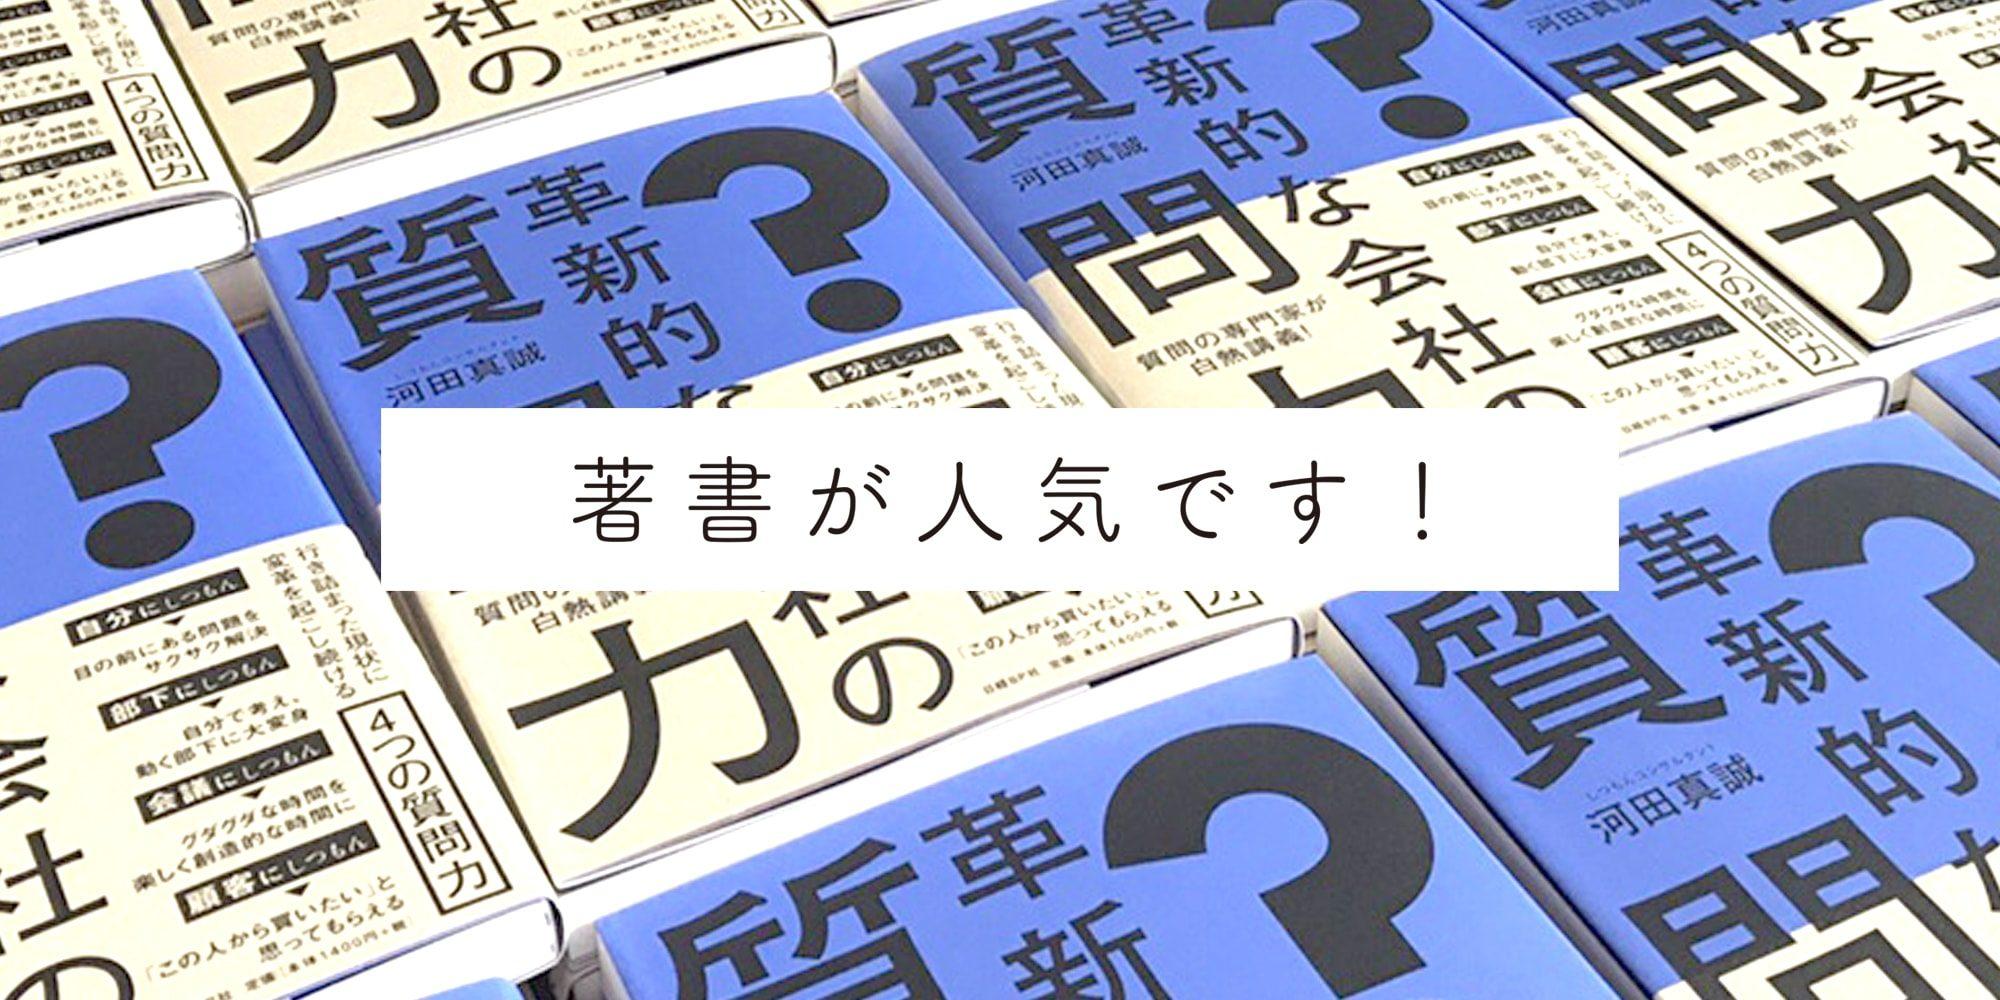 著書「革新的な会社の質問力」が人気です!